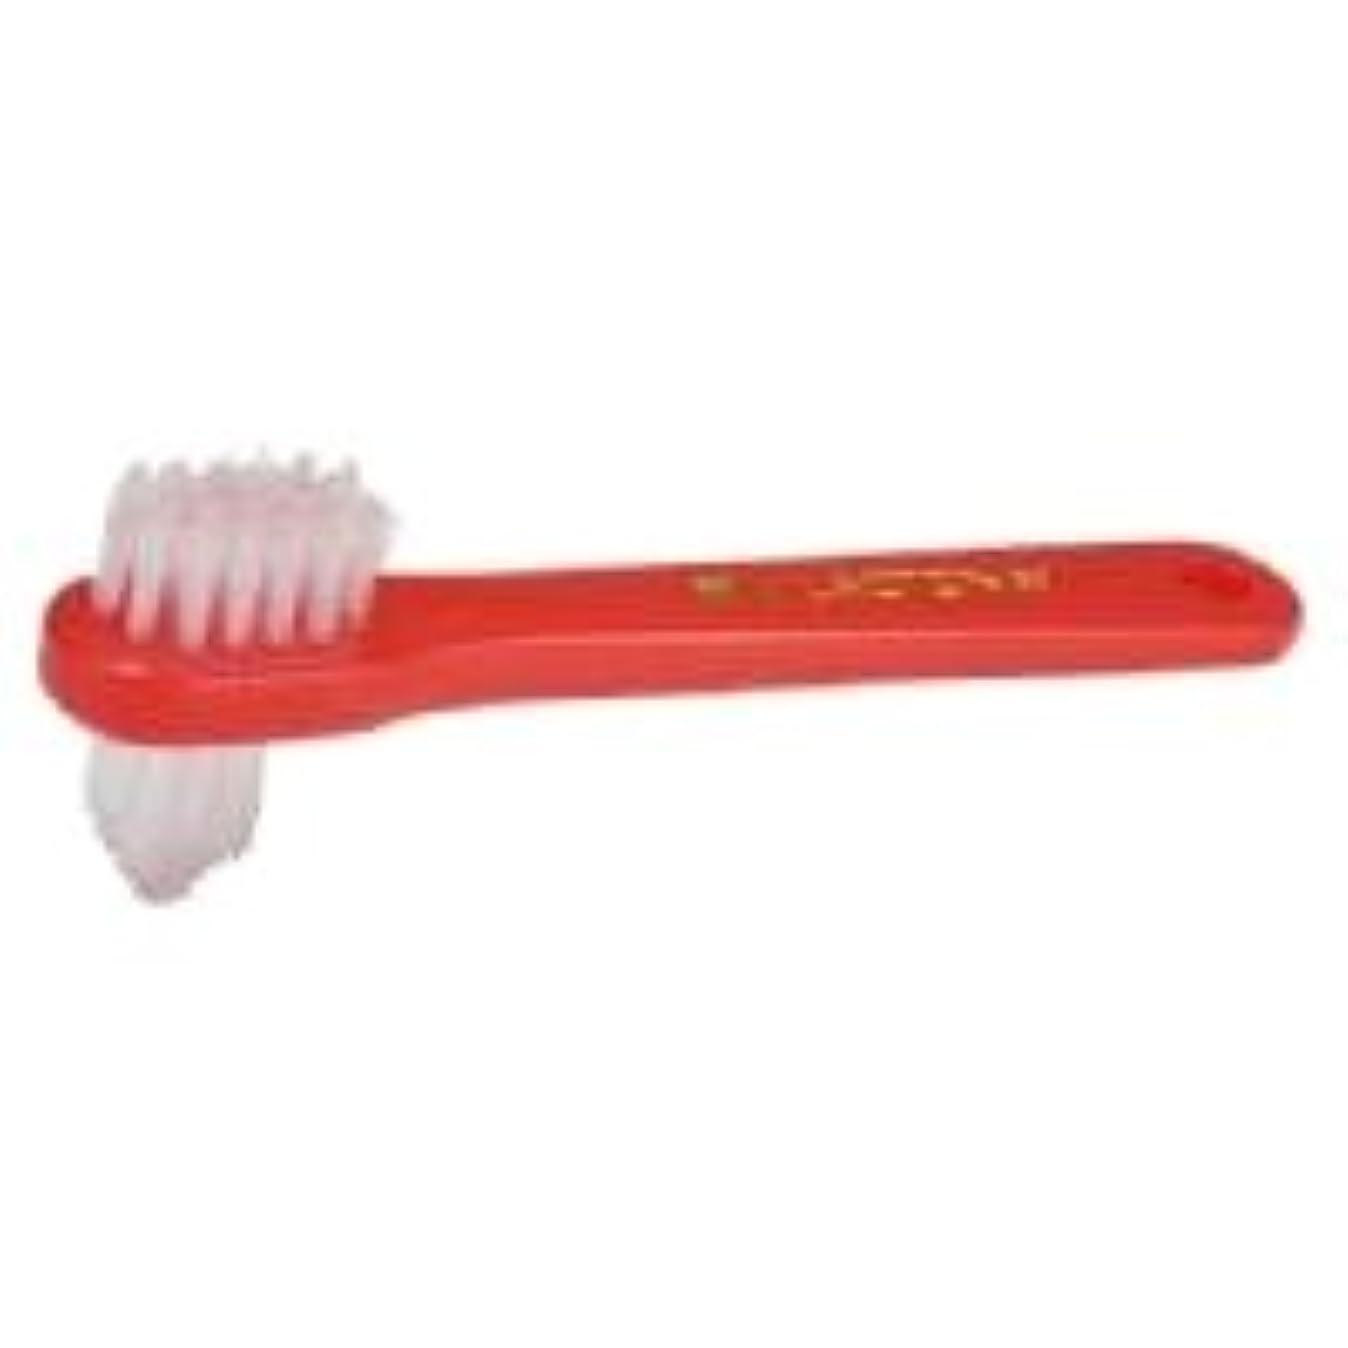 誇張する記述するポータブル【ラクトナ】【歯科用】ラクトナ歯ブラシ #500 M 1本【義歯用ブラシ】